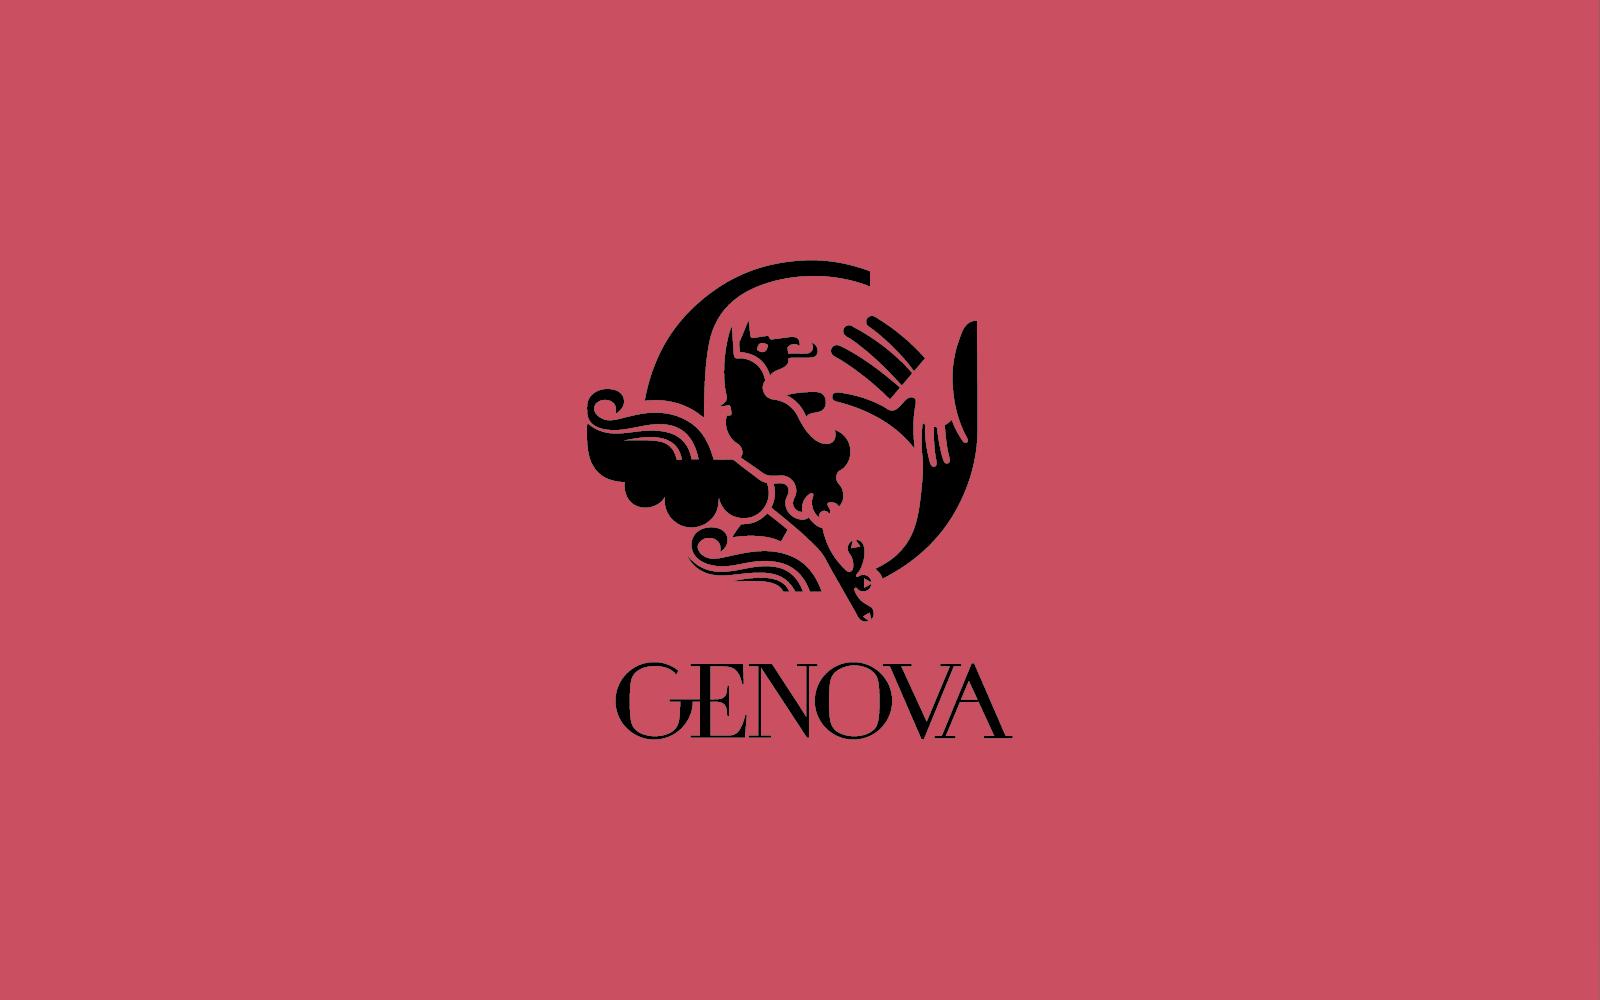 progetto del marchio per genova-contest, creato da diadestudio agenzia grafica arco trento